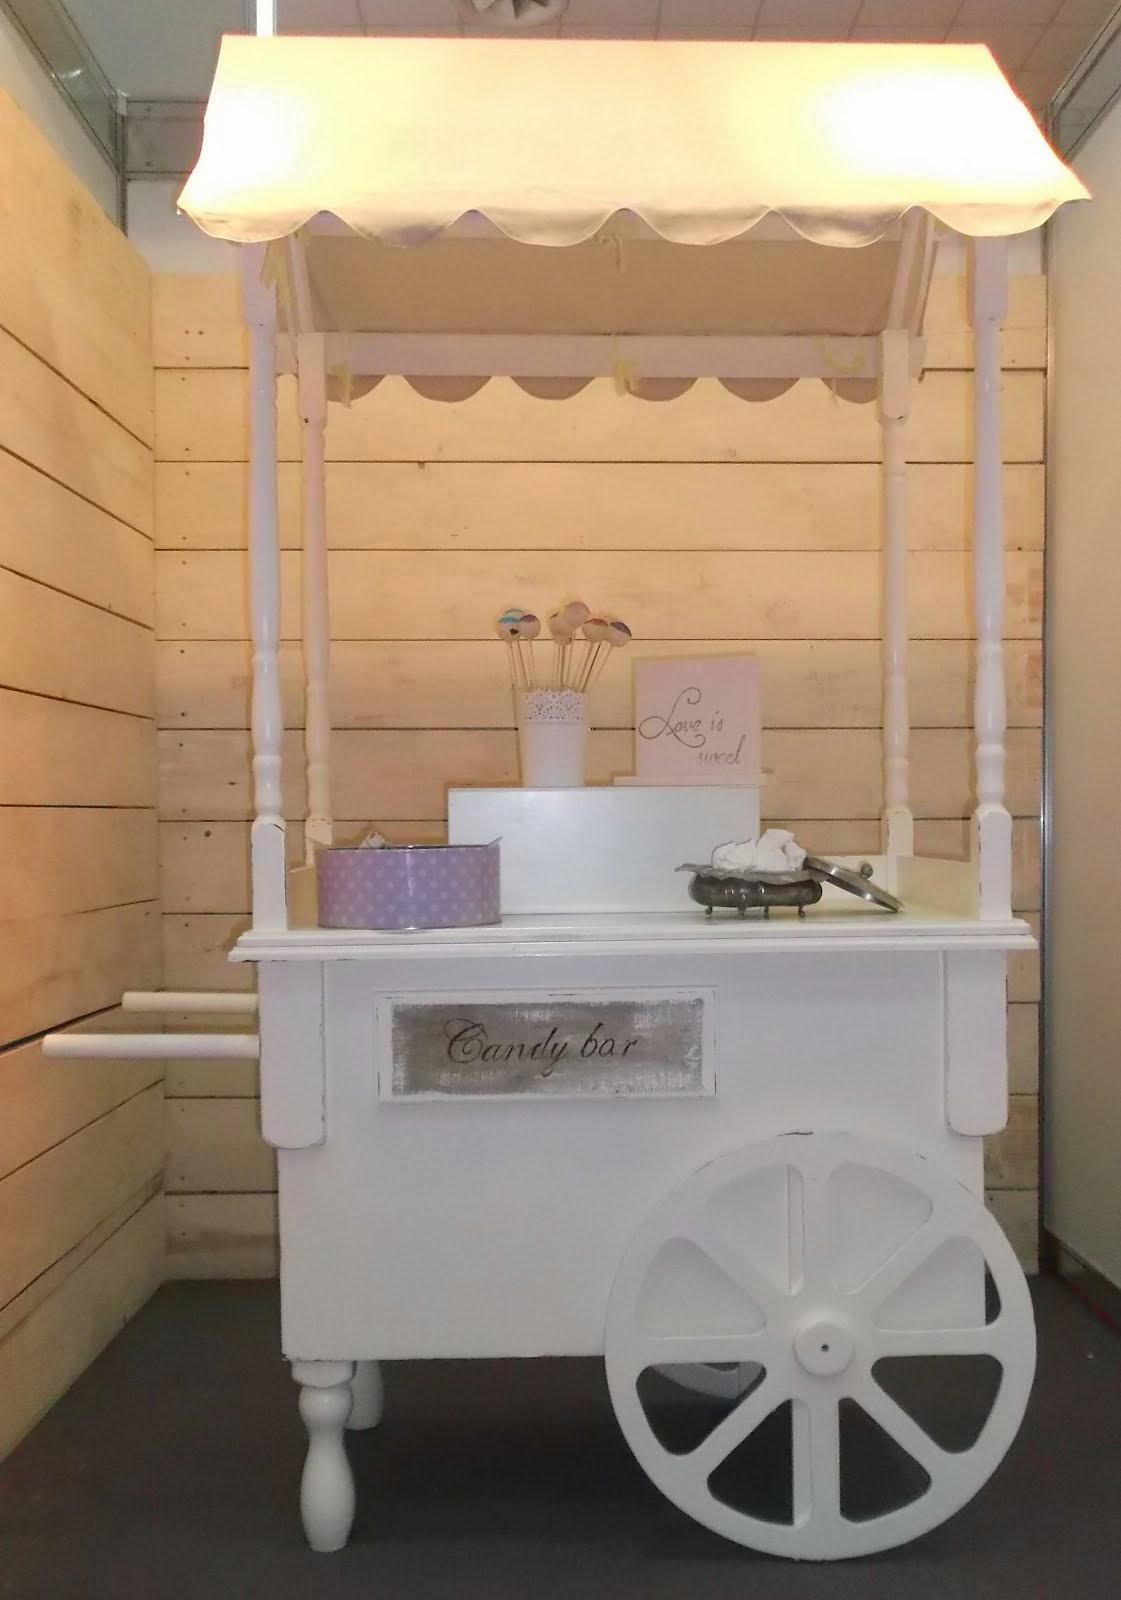 Candy bar - KOFI - decoratiuni nunta